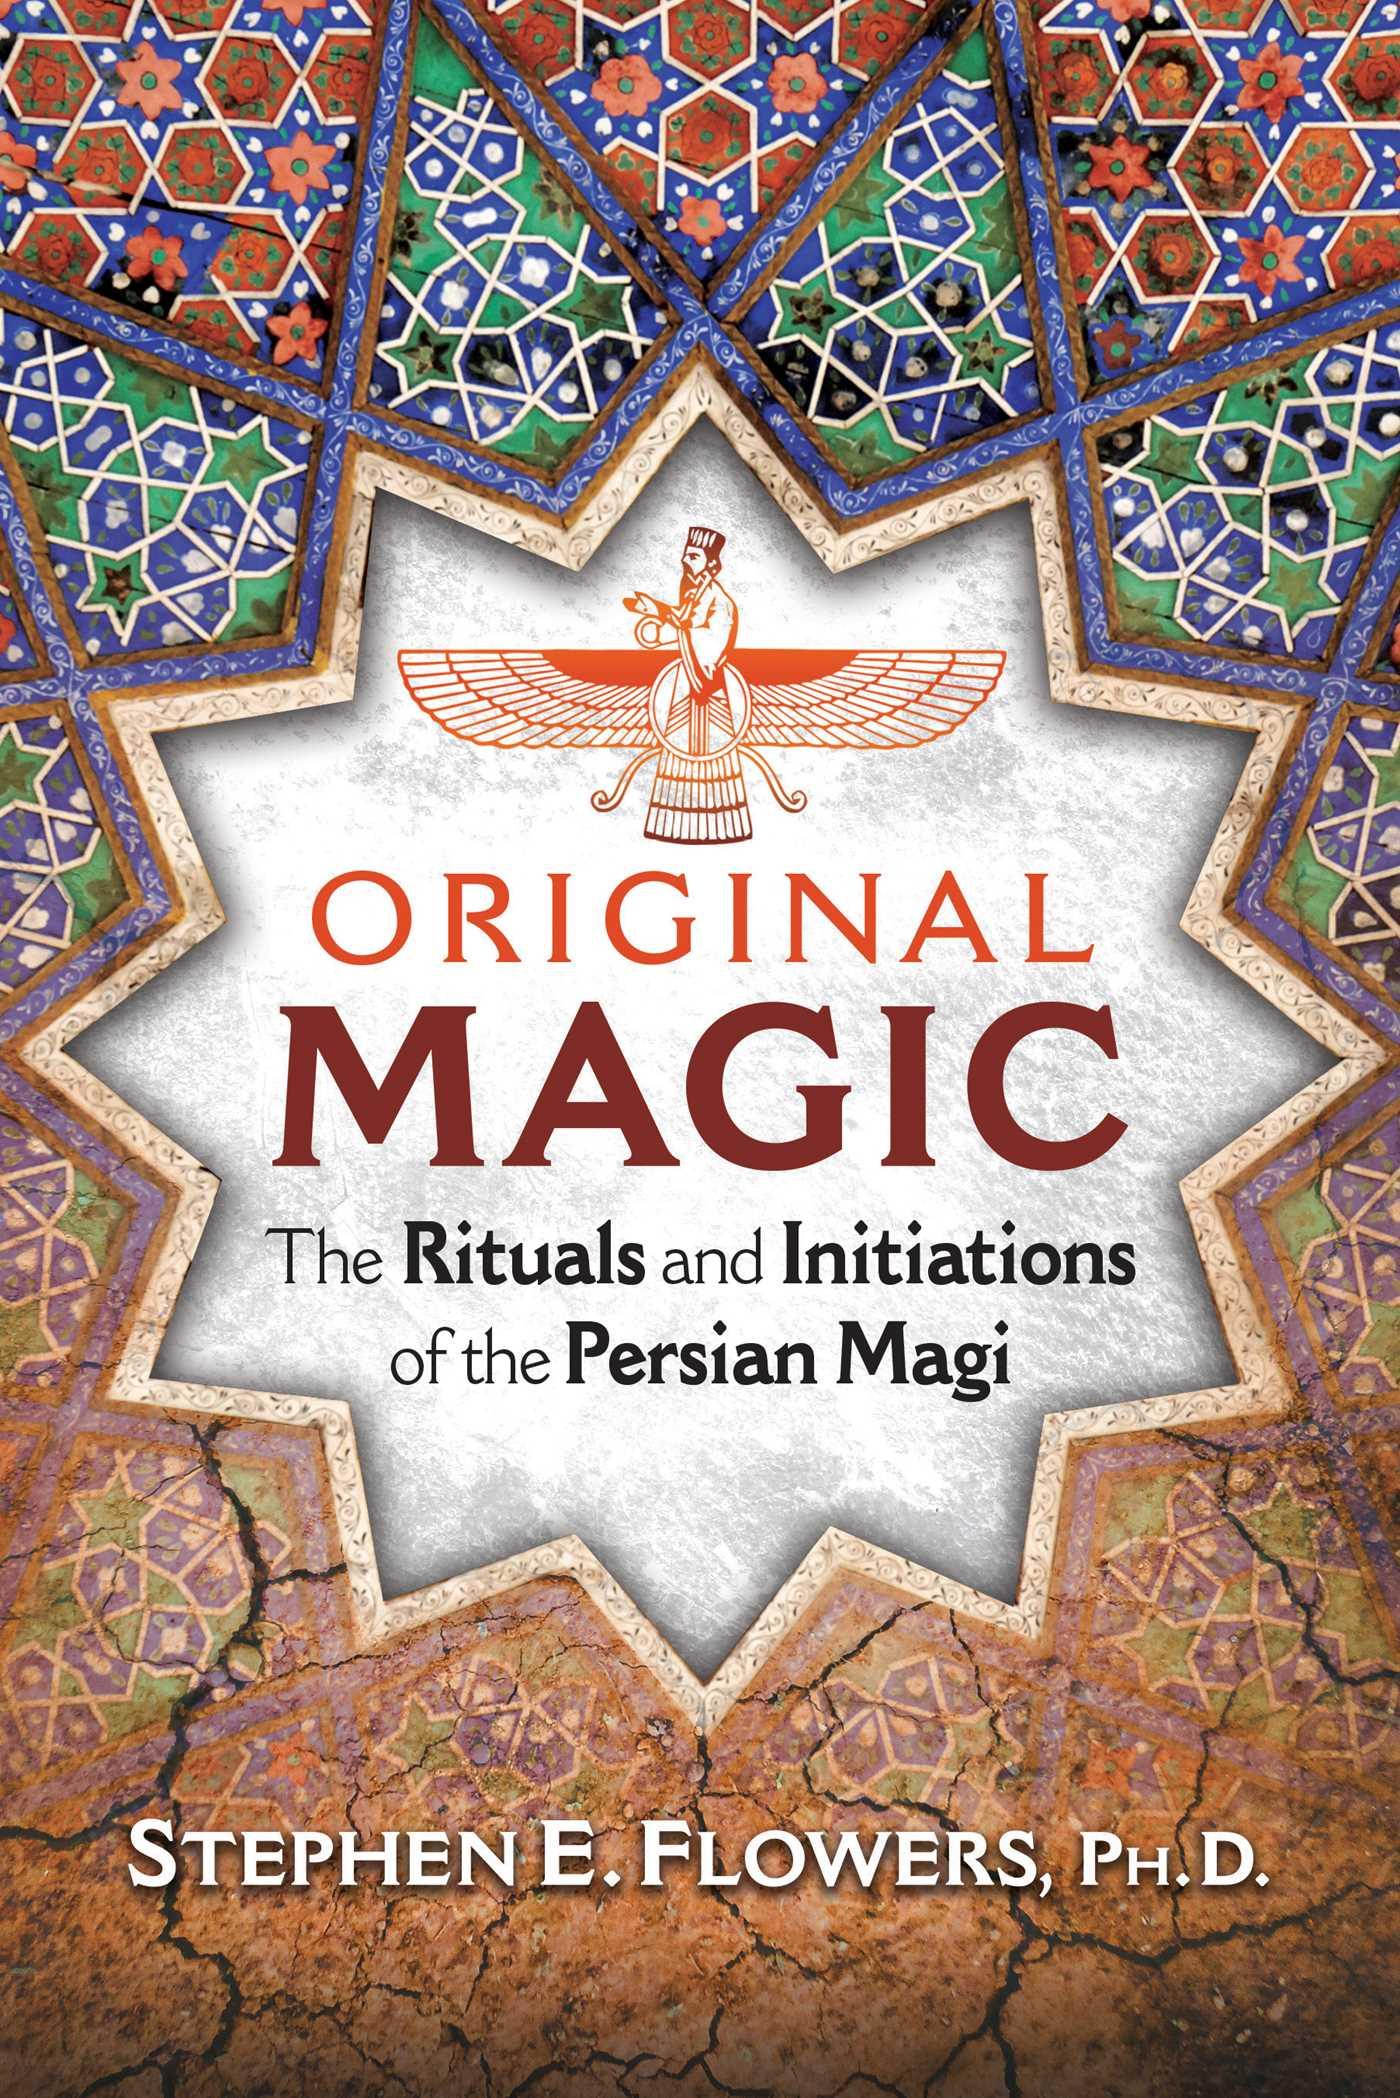 Original magic 9781620556443 hr